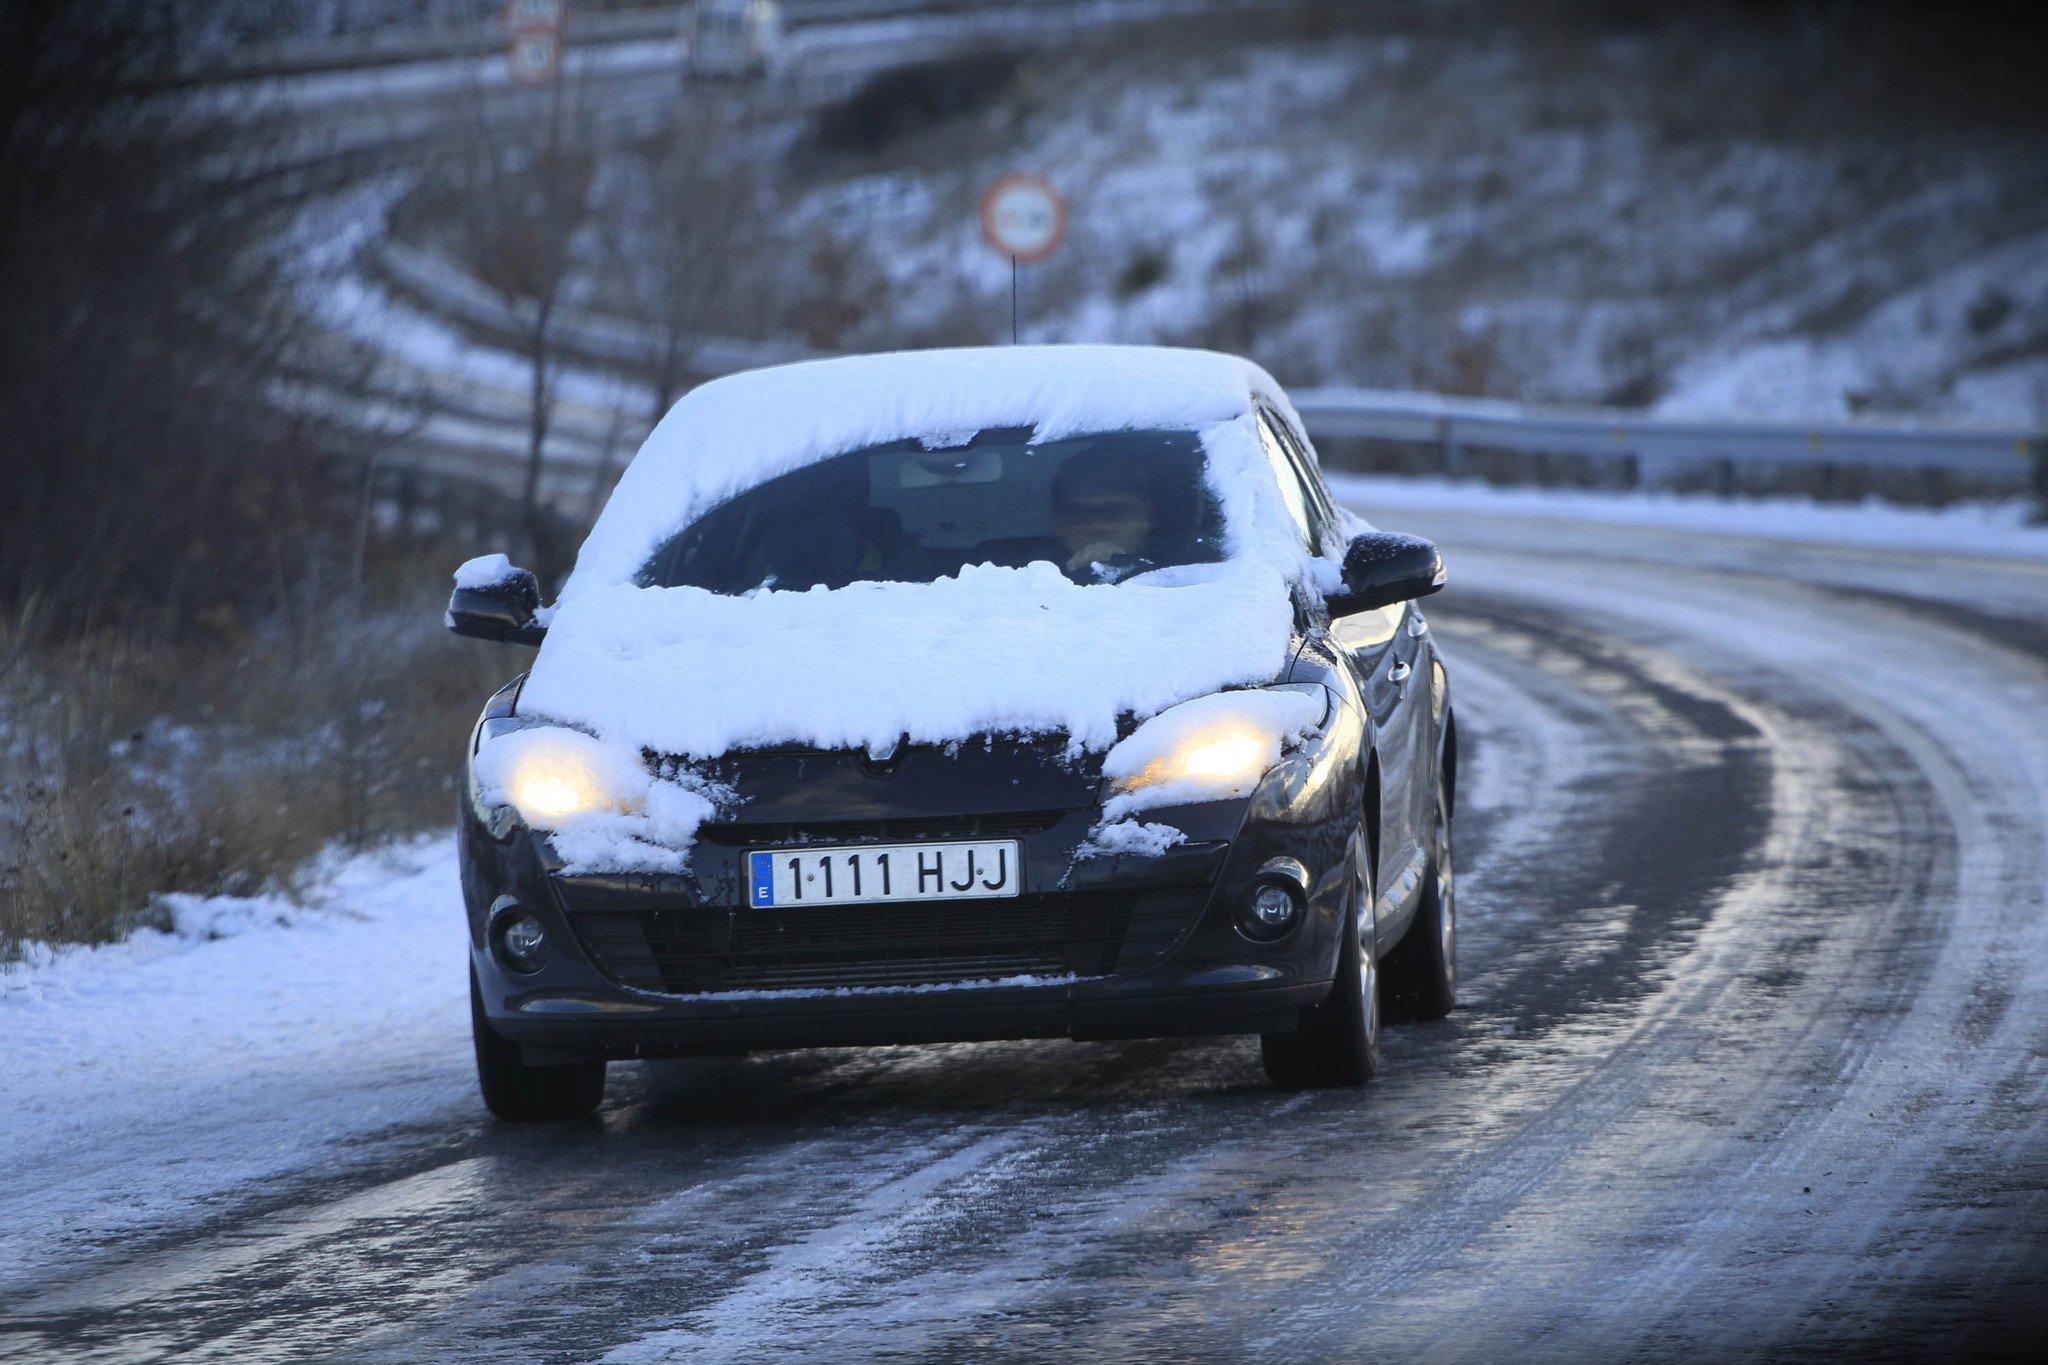 Conducción hielo y nieve